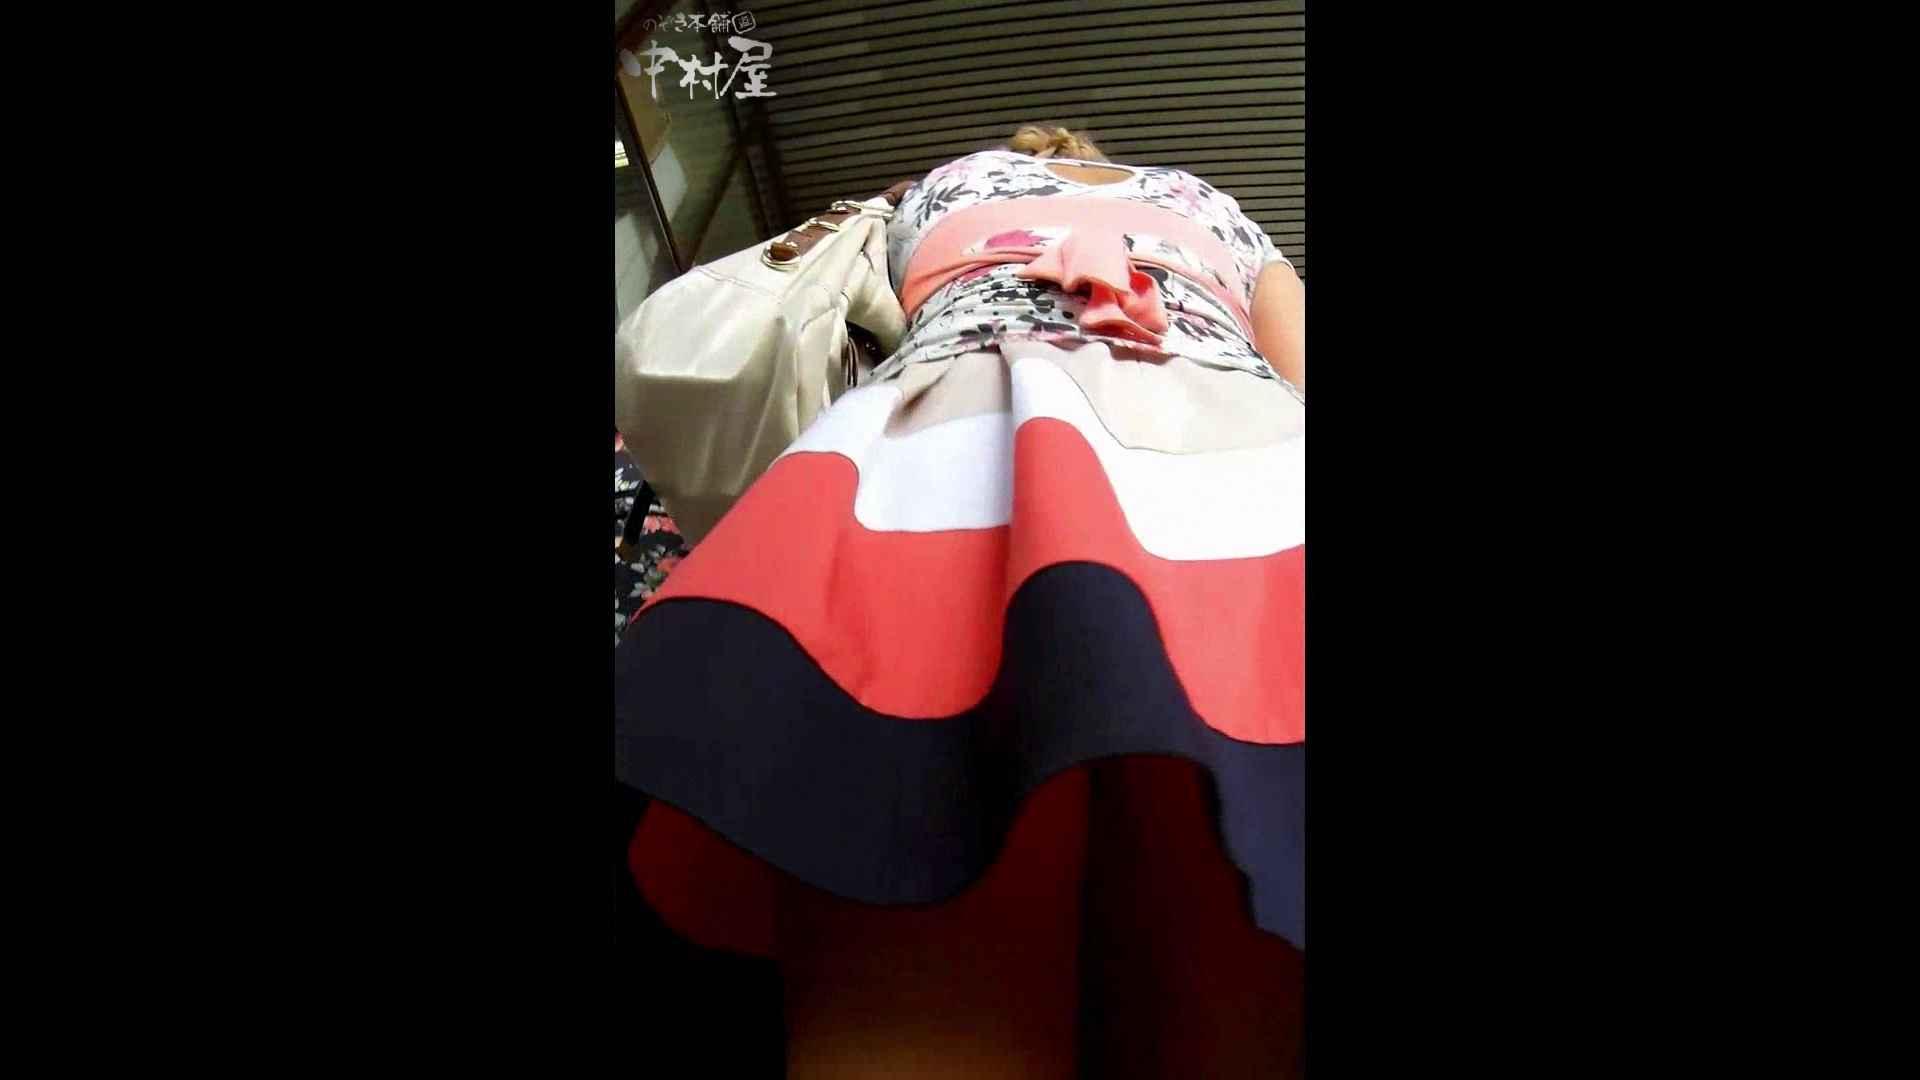 綺麗なモデルさんのスカート捲っちゃおう‼ vol27 お姉さんヌード  97画像 44